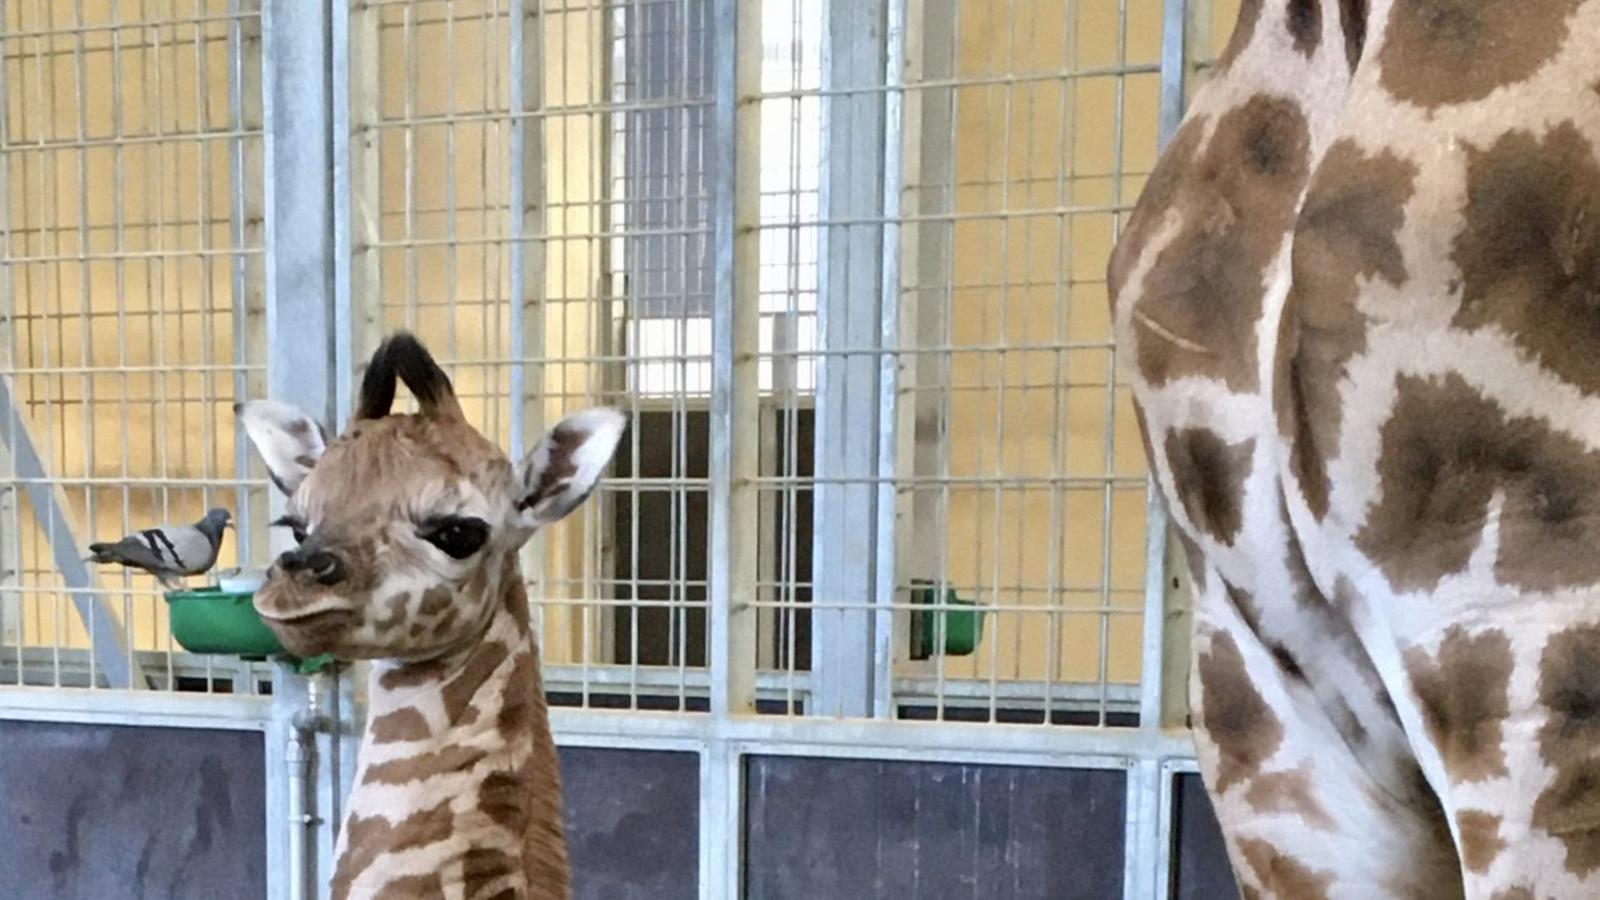 Neix la filla de la Nuru, una cria de girafa al Zoo de Barcelona